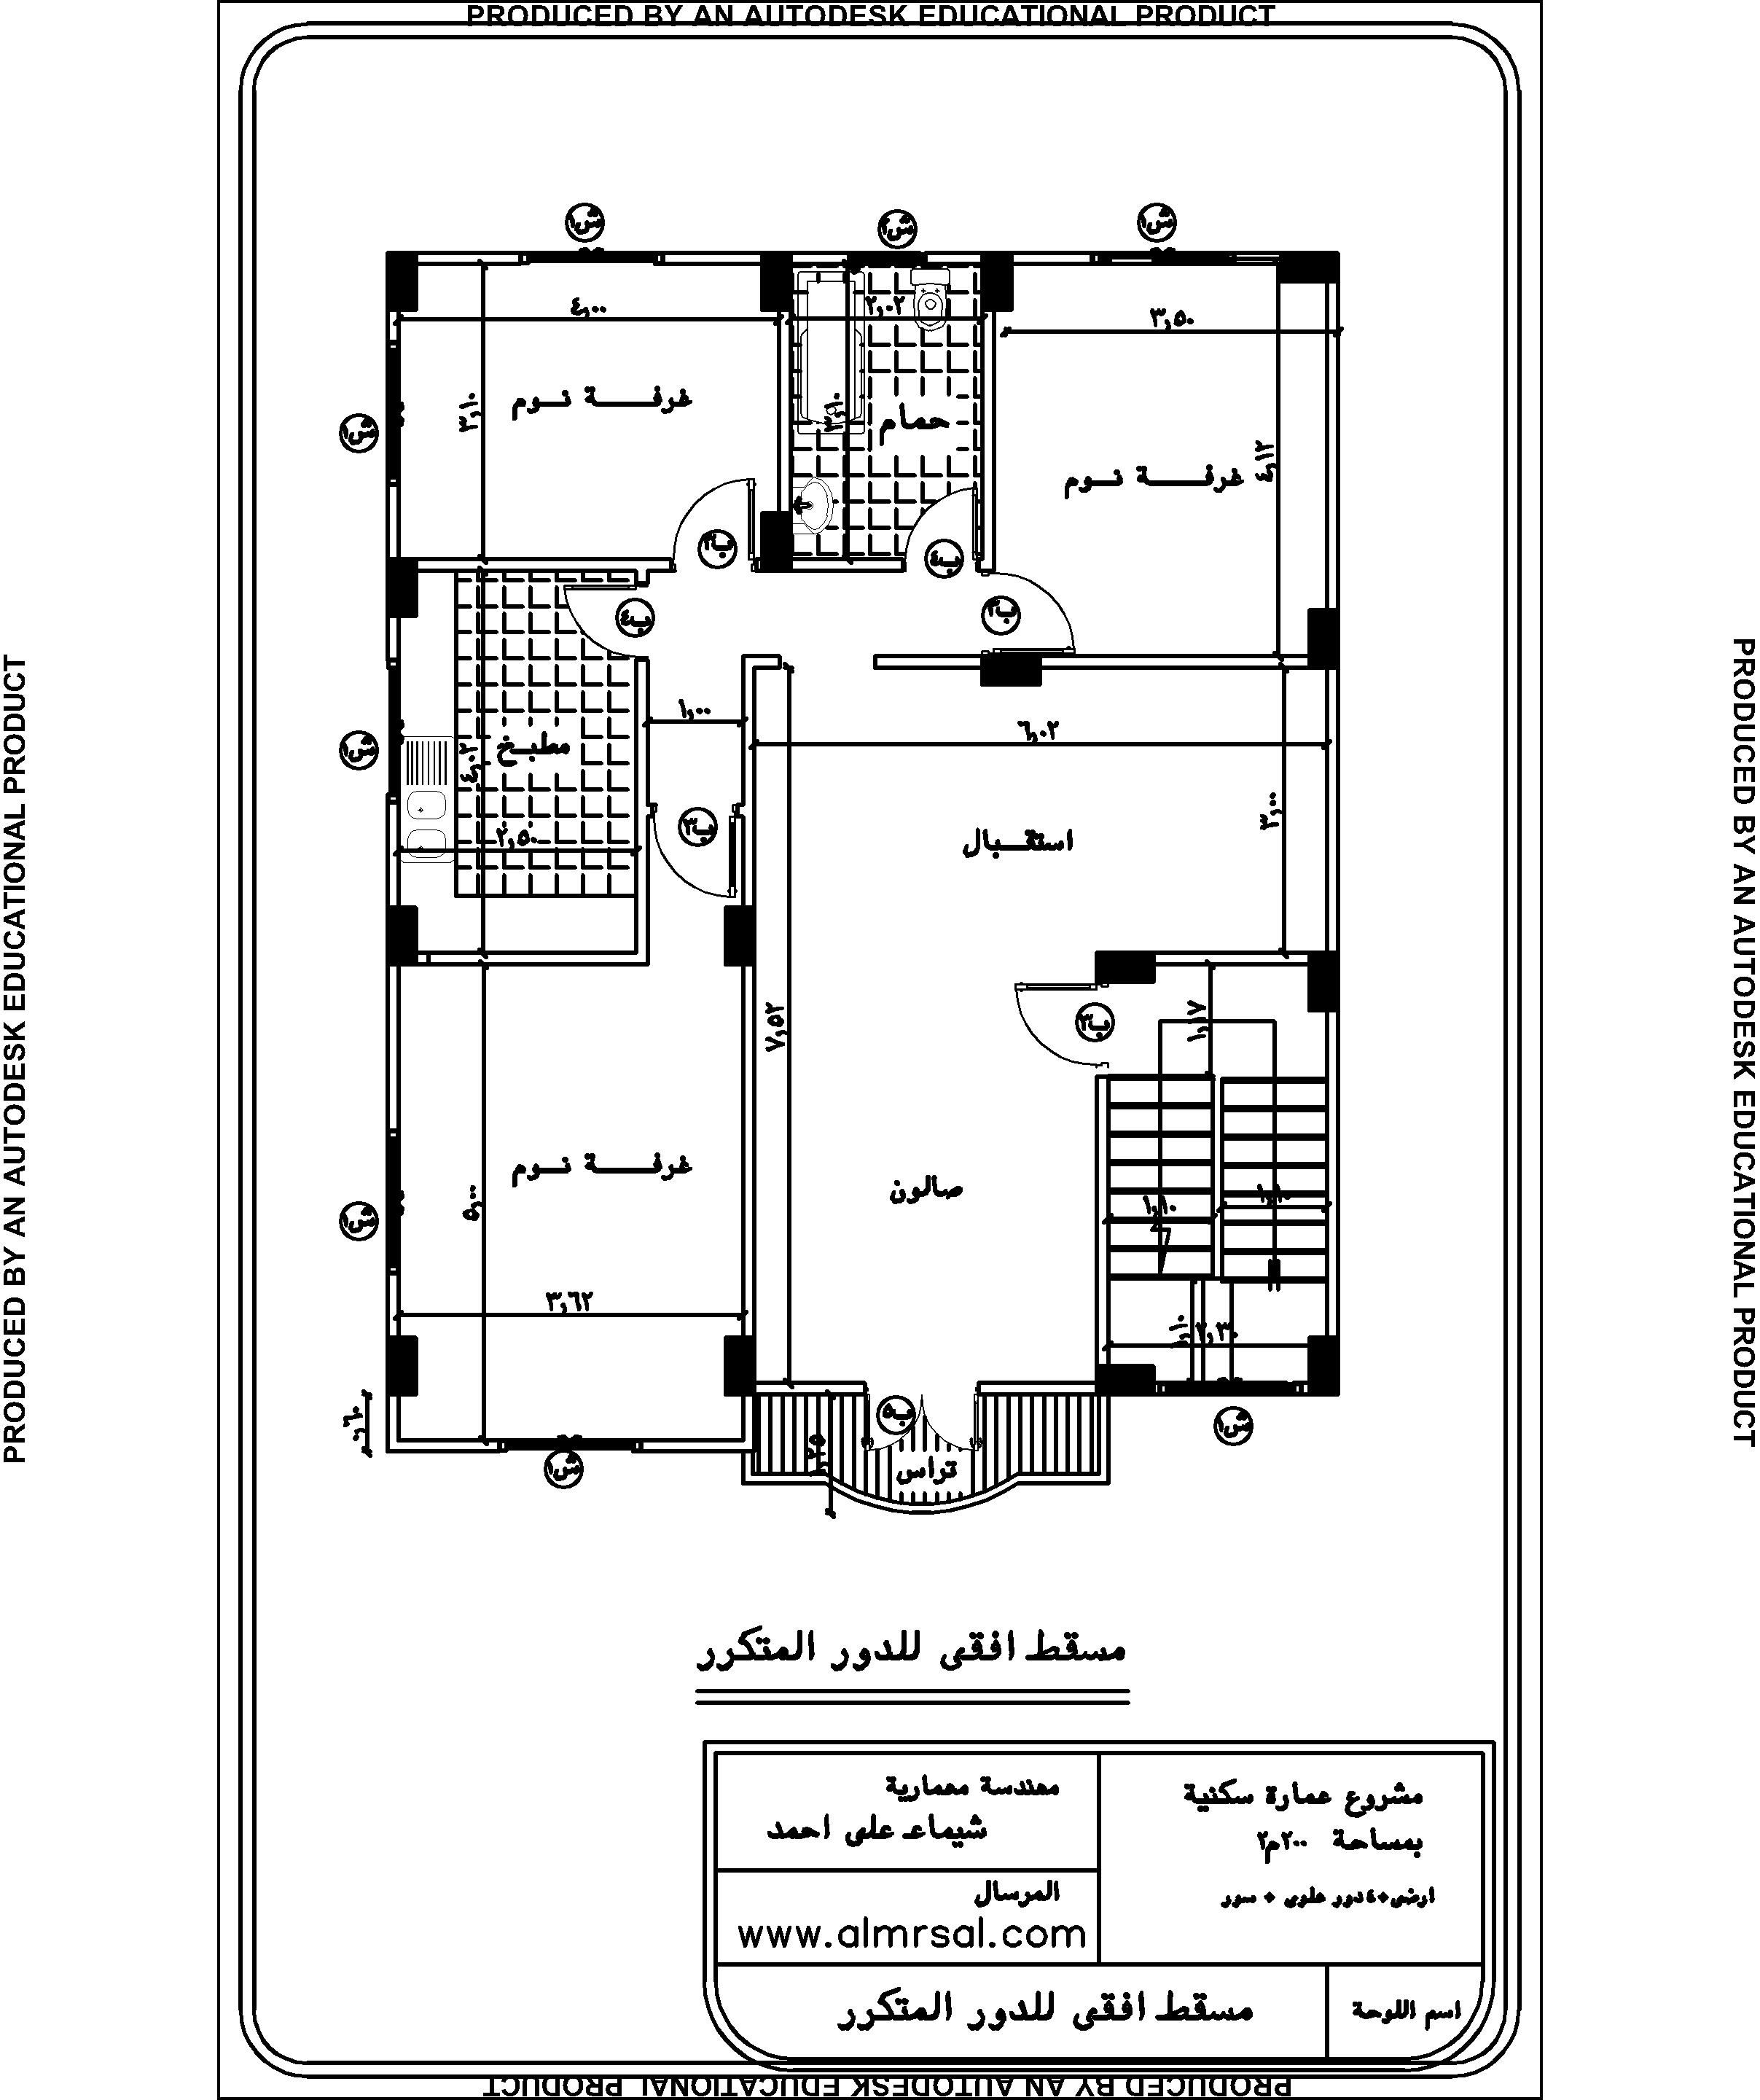 عمارة سكنية 200م2 مسقط افقي للدور المتكرر